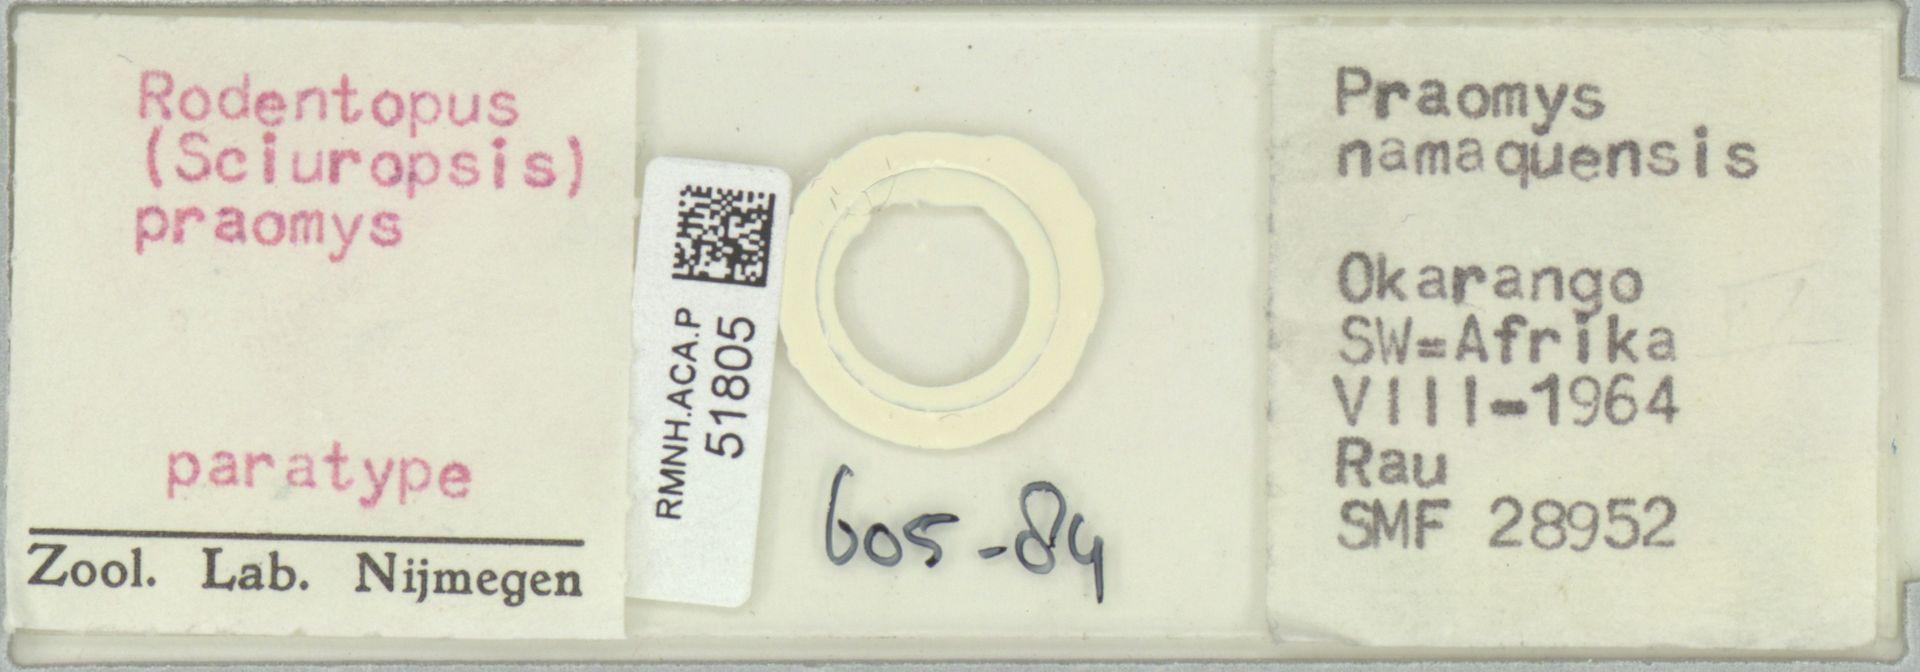 RMNH.ACA.P.51805 | Rodentopus (Sciuropsis) praomys